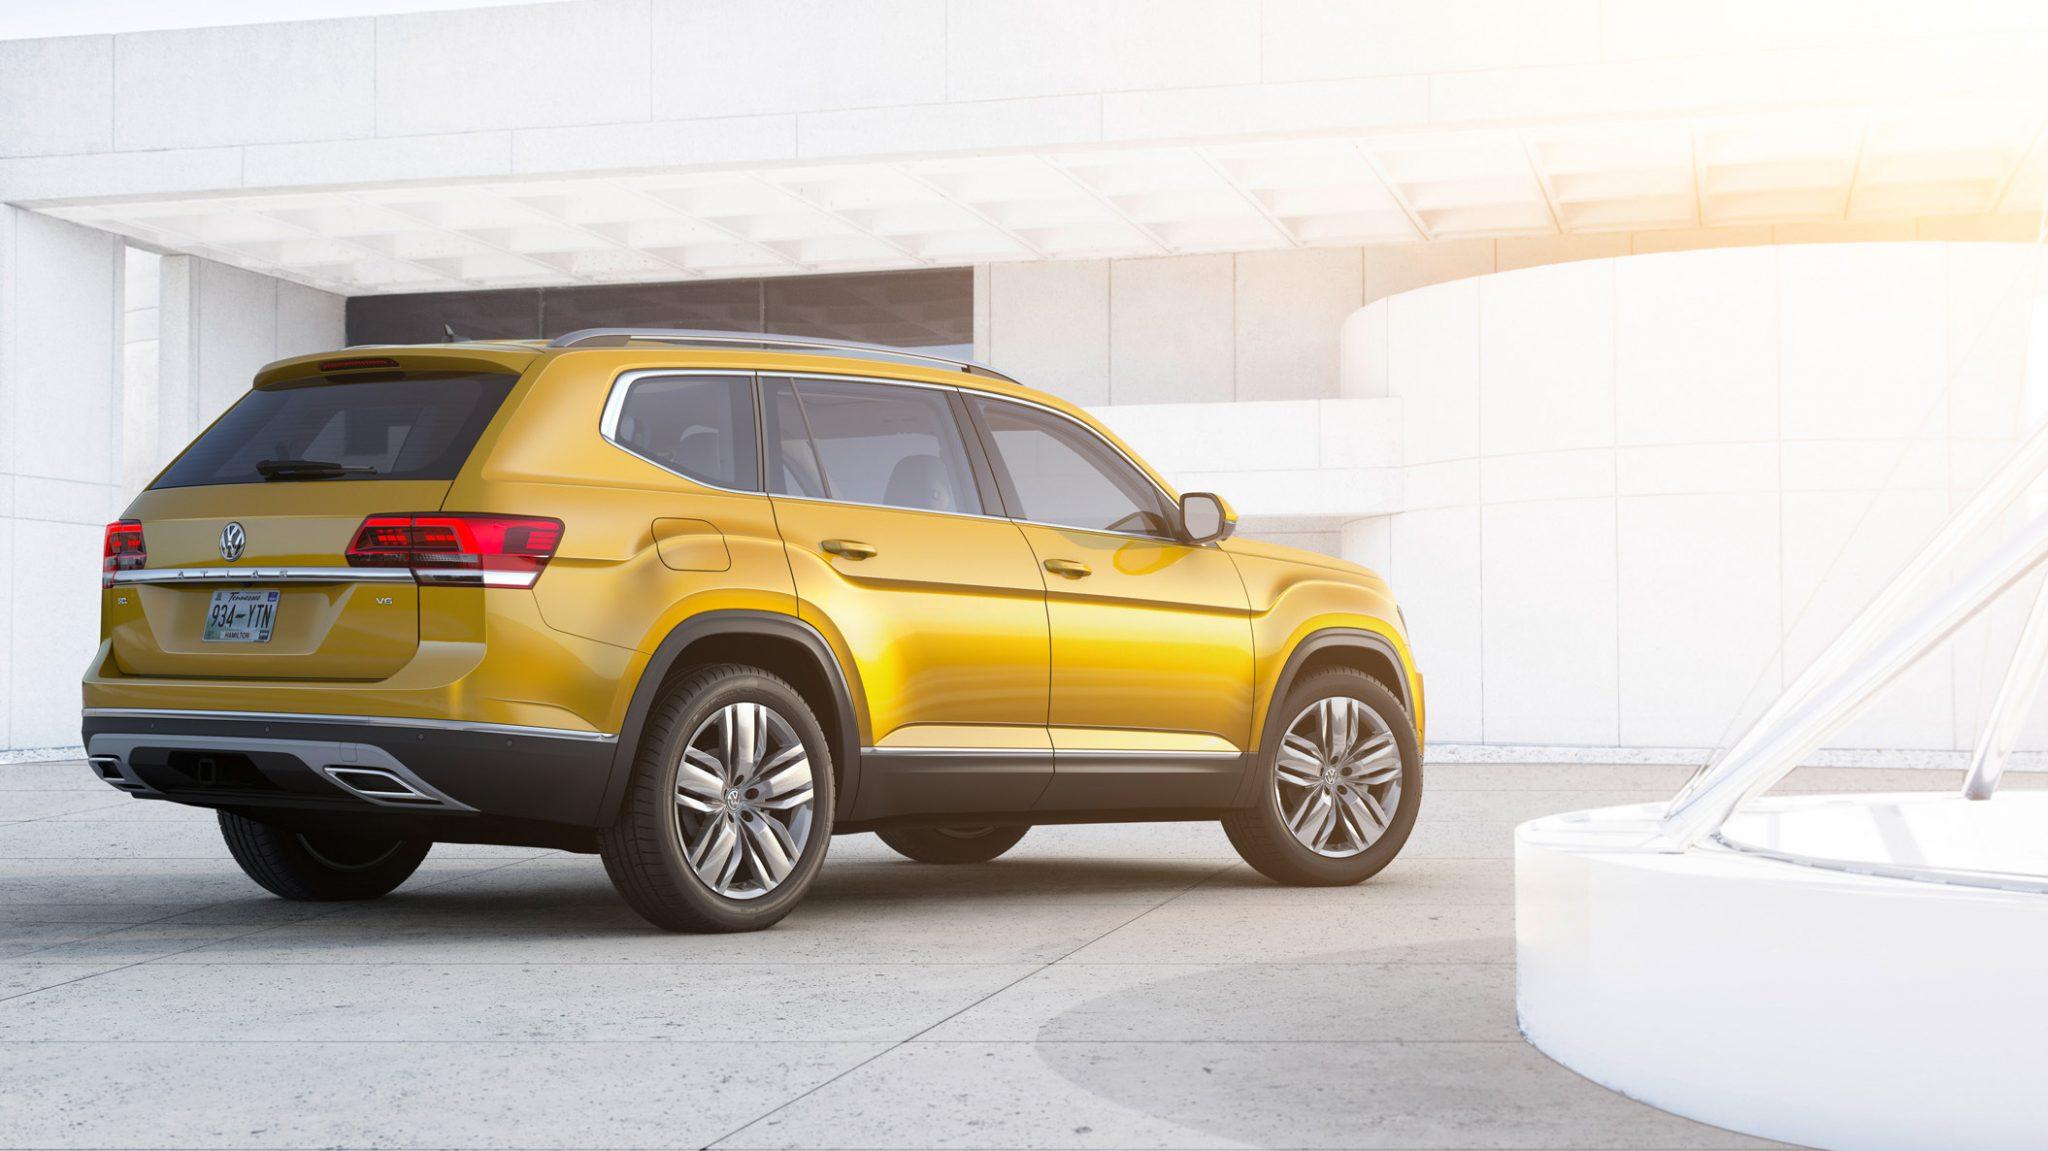 Oficial: Volkswagen Atlas, el gran todoterreno alemán 6